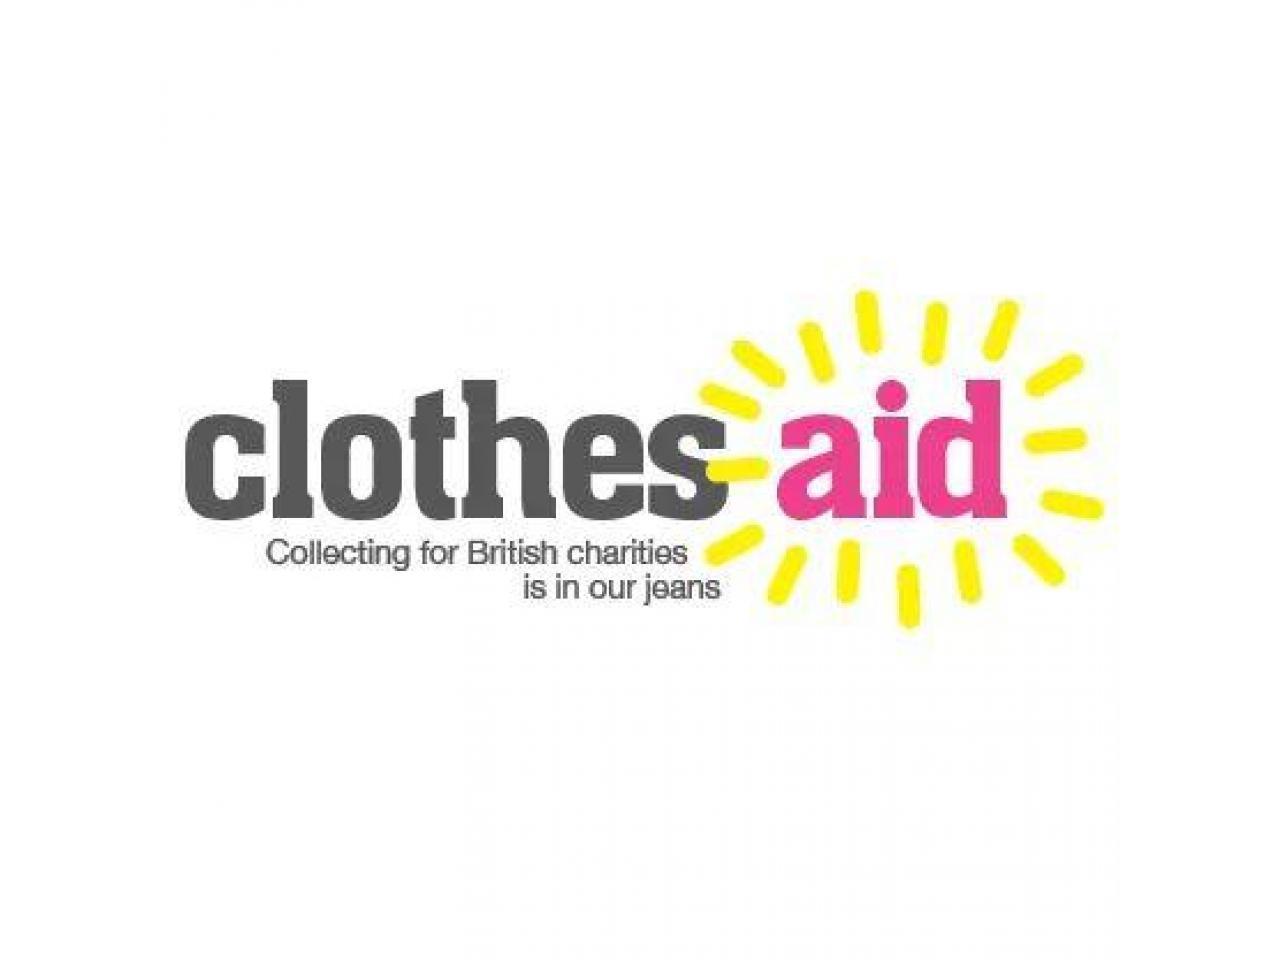 Требуются рабочие для разноски мешков благотворительности - 1